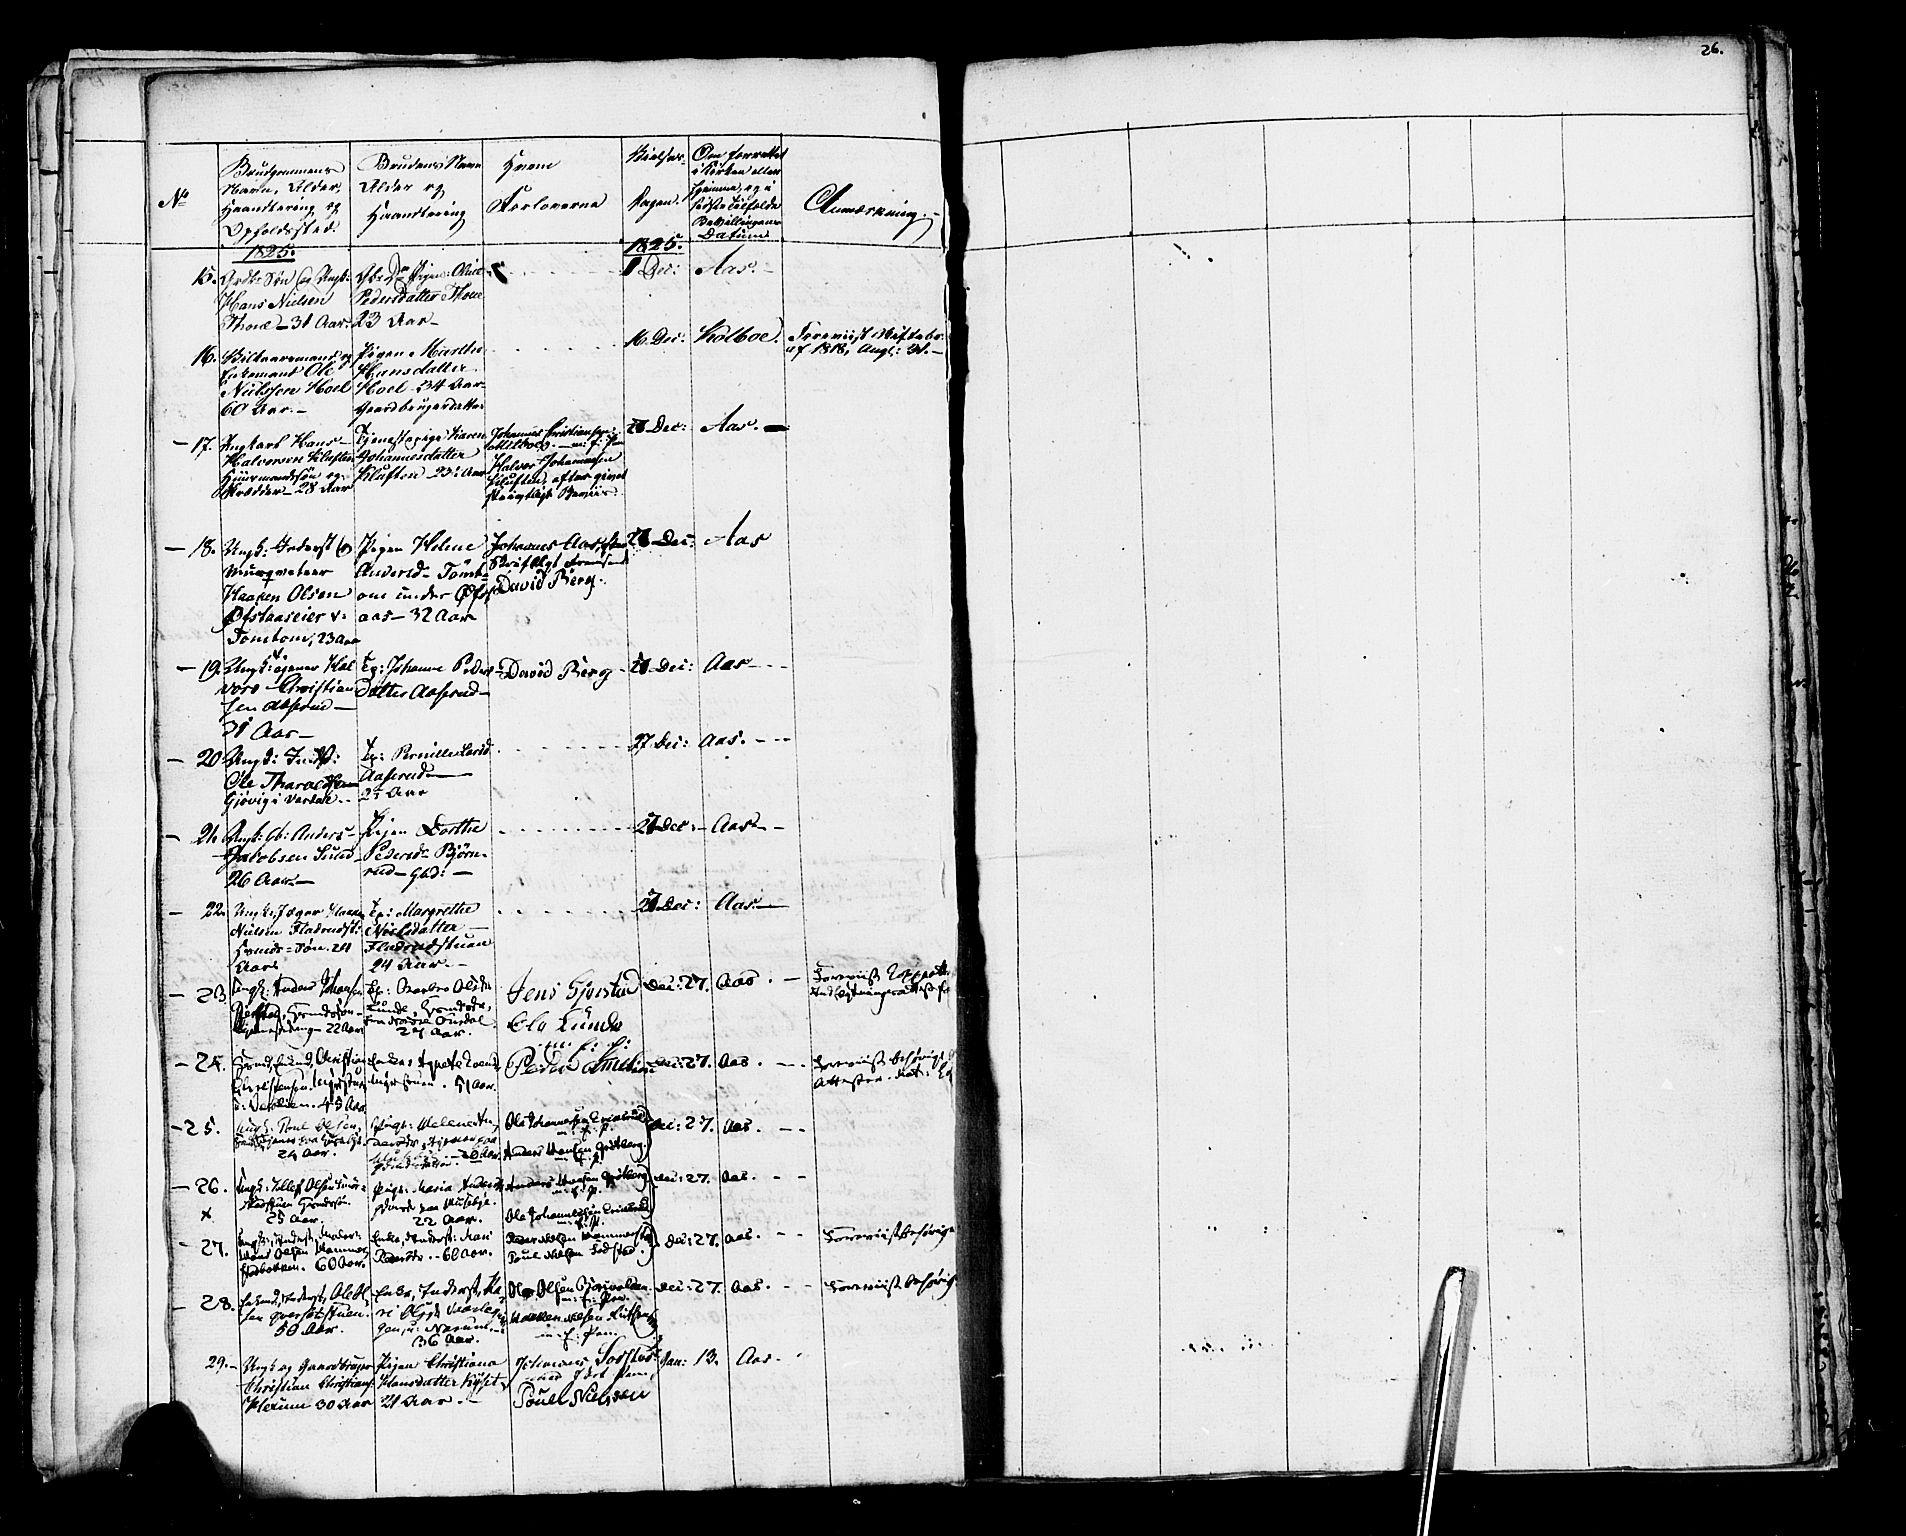 SAH, Vestre Toten prestekontor, Ministerialbok nr. 1, 1825-1826, s. 26